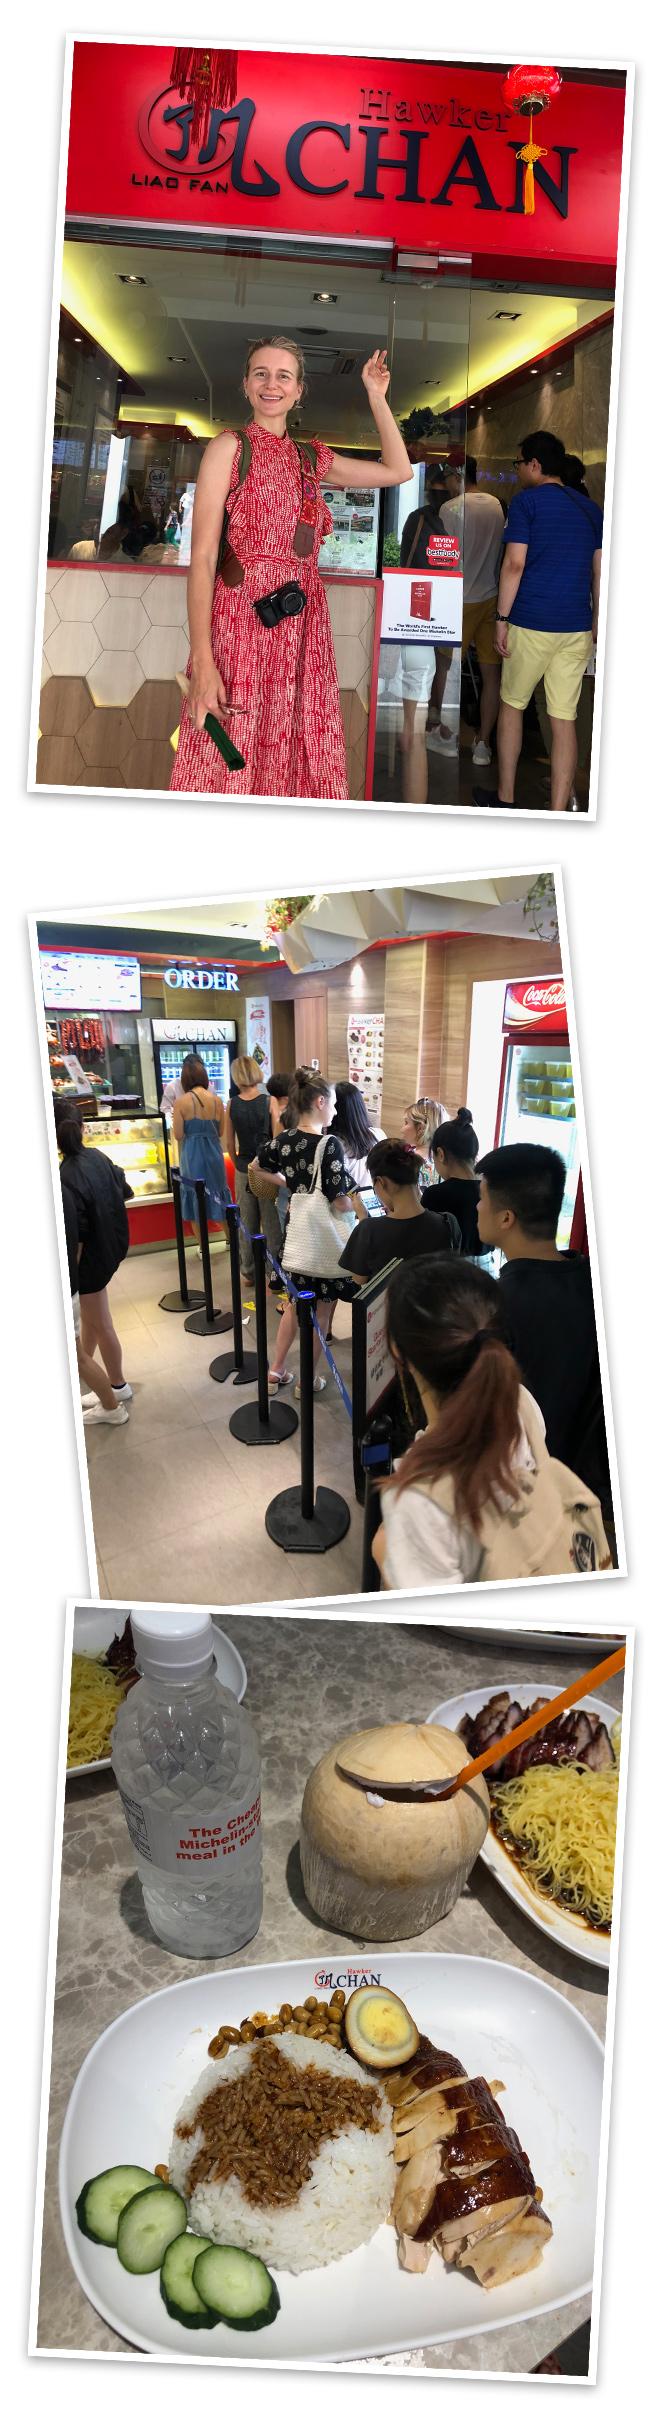 Hawker Chan Lio Fan. Situado en el Barrio Chino es el restaurante con 1 estrella Michelín más barato del mundo. Su receta de pollo con salsa de soja es su plato estrella pero a mi, sinceramente, tampoco me pareció nada del otro mundo.